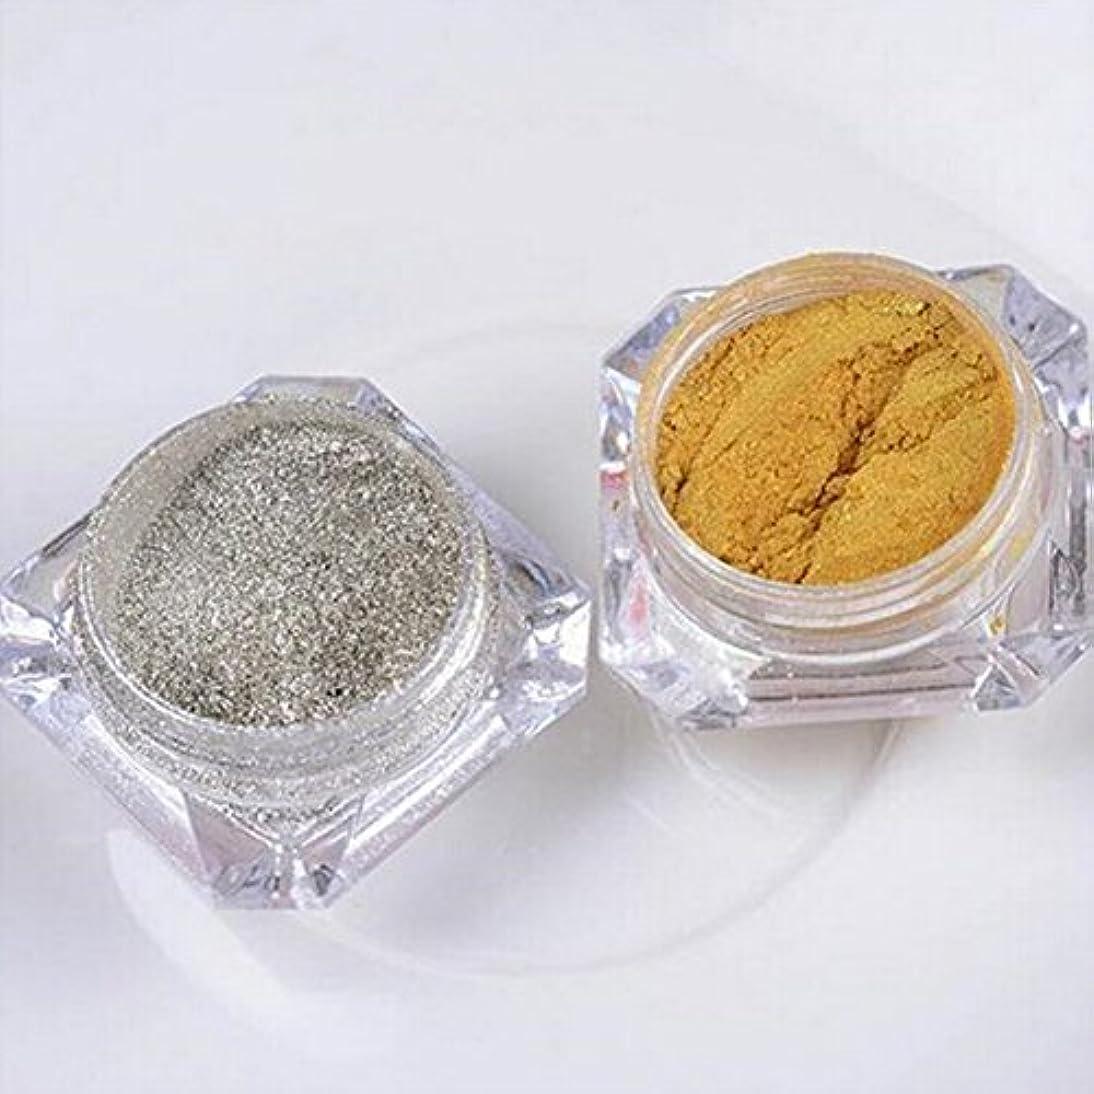 見落とす洗剤暖炉Doitsa フラッシュ ネイル用 パウダー ネイル 微分子 ラメグリッター スーパーフラッシュ スパンコール ゴールド シルバー 2色セット 各色3g入り